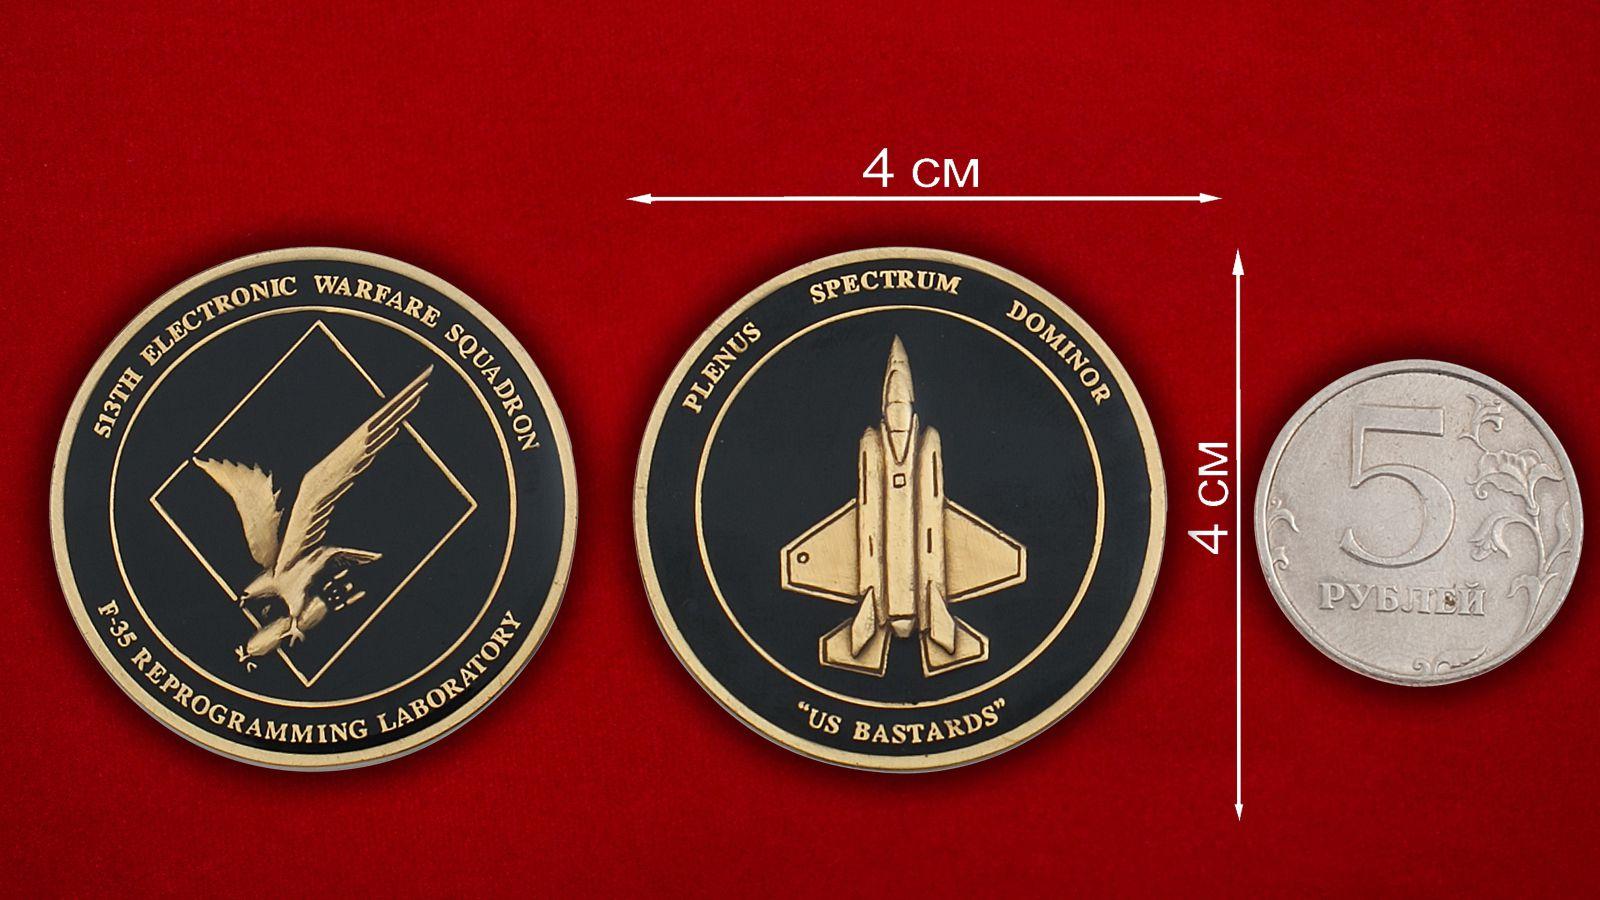 Челлендж коин 513-й эскадрильи радиоэлектронной борьбы ВВС США - сравнительный размер